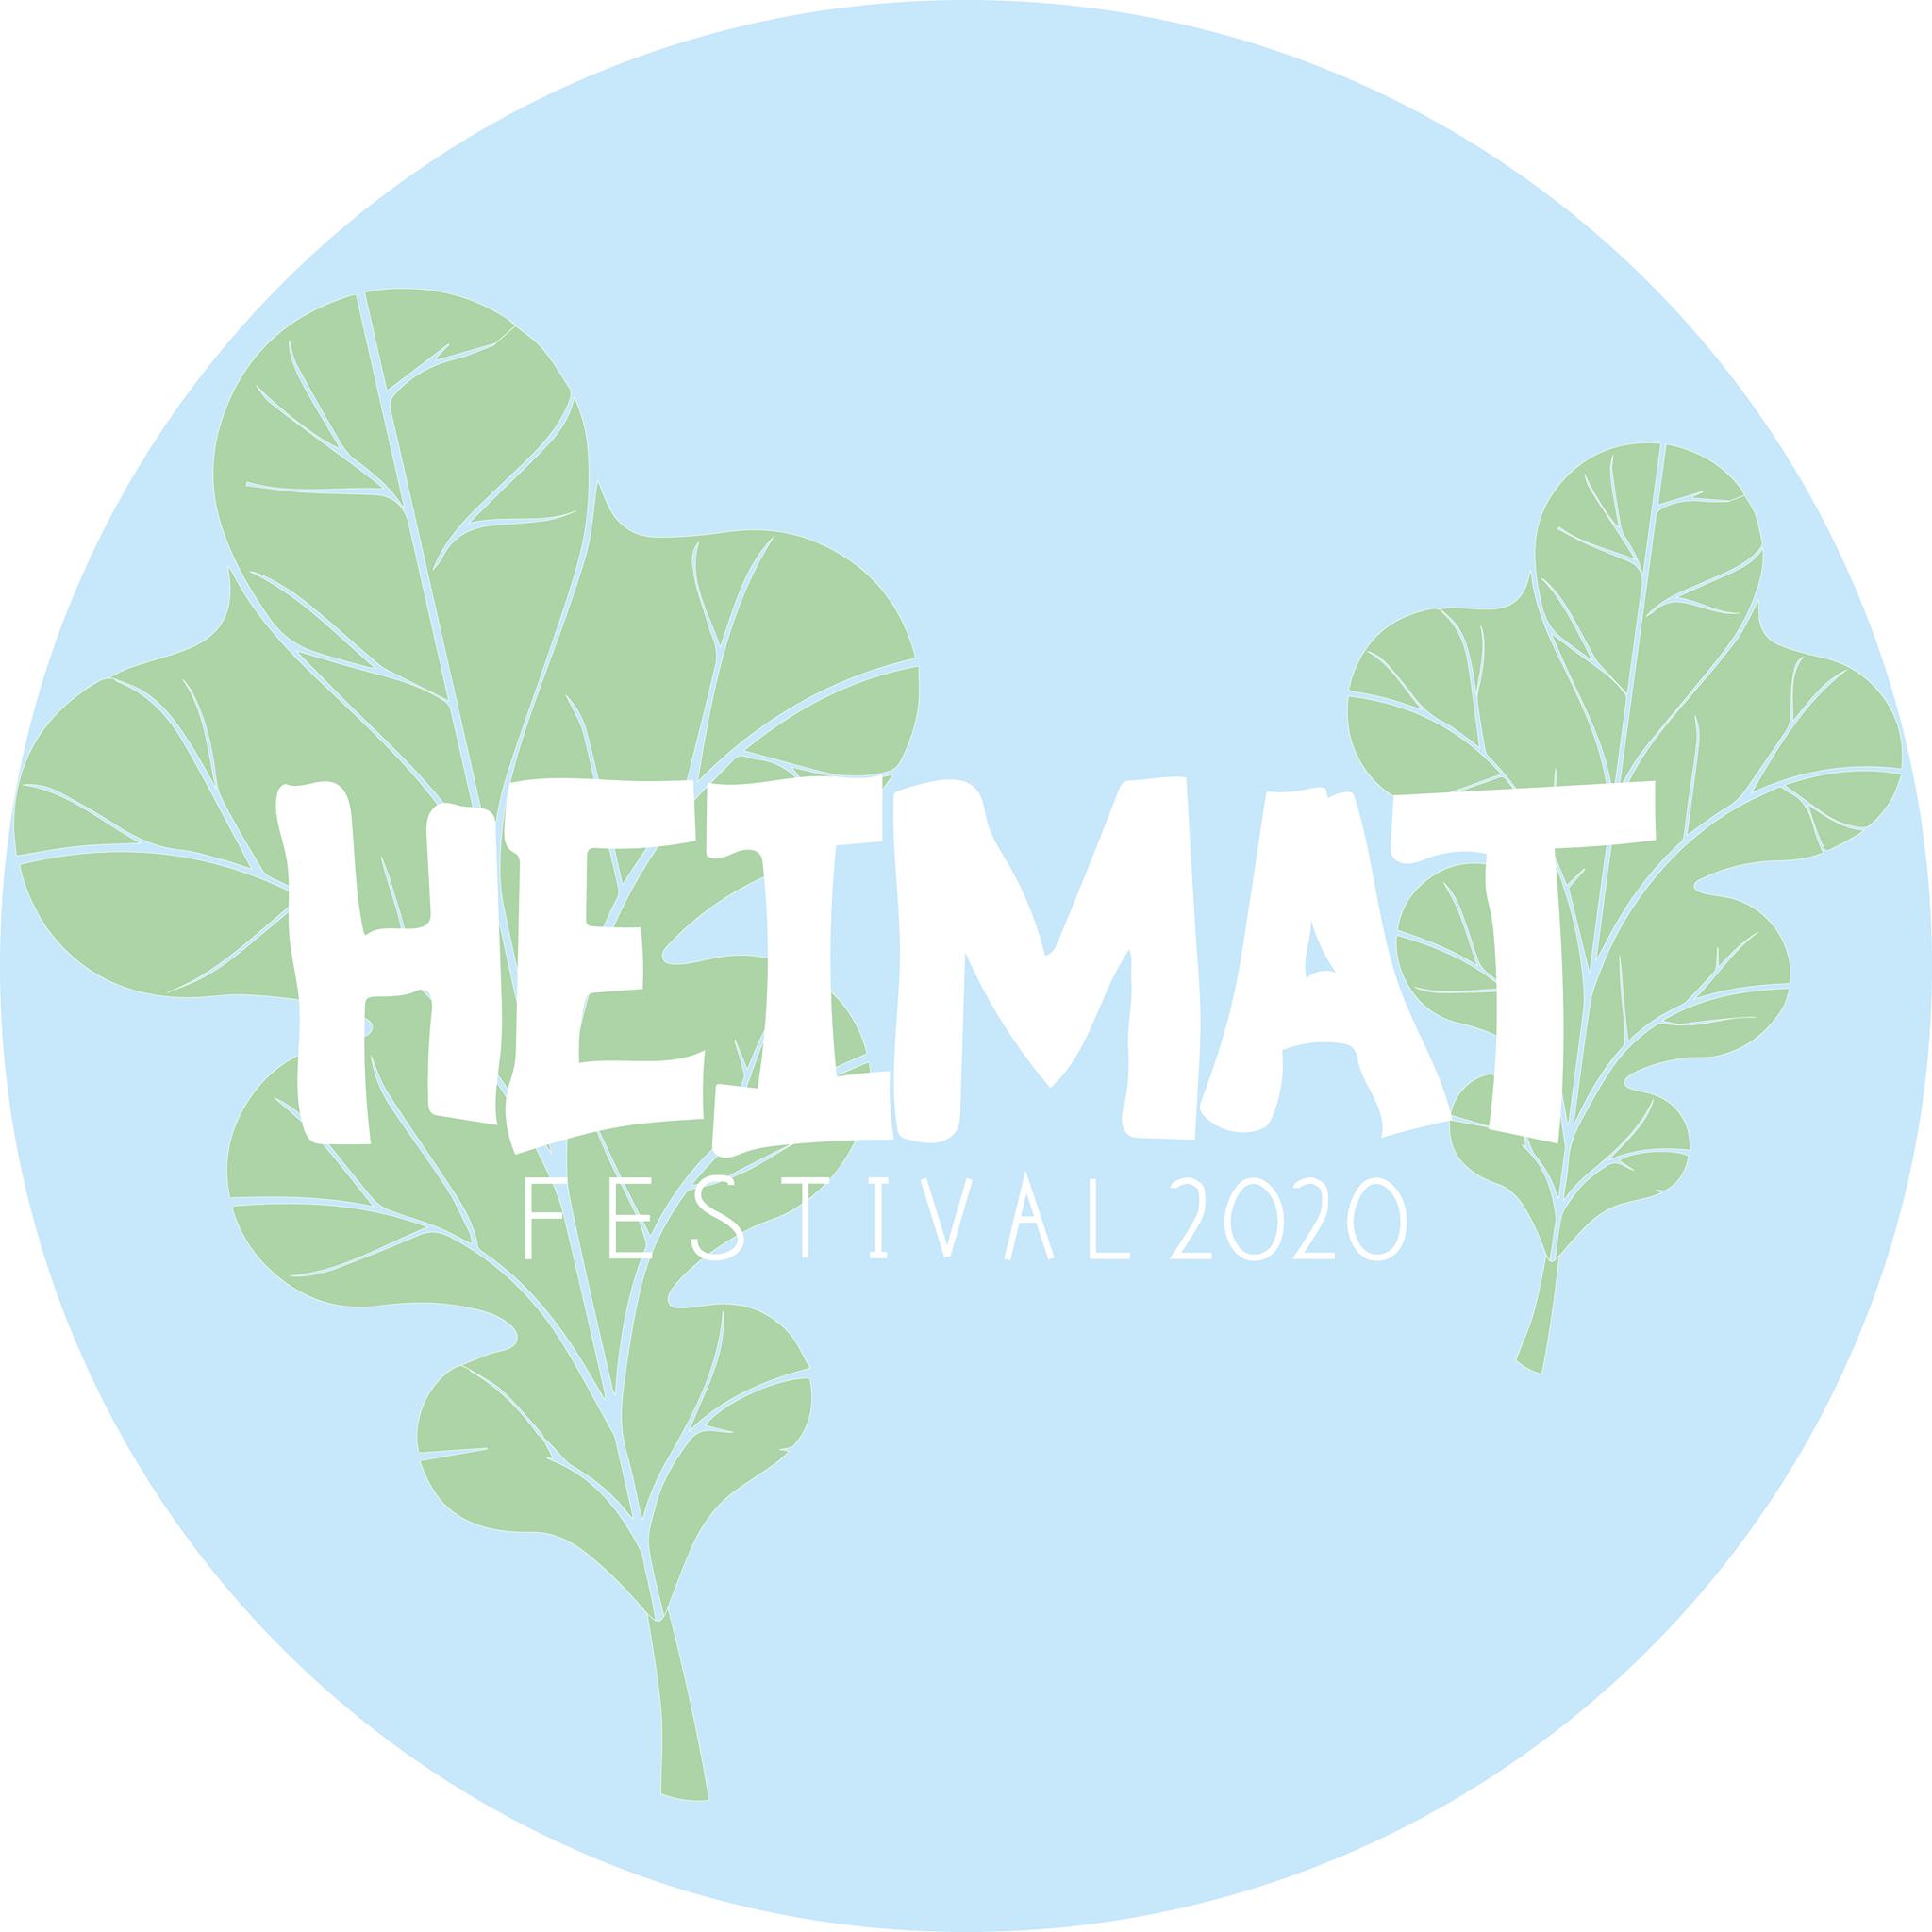 Heimat Festival 2020 Logo